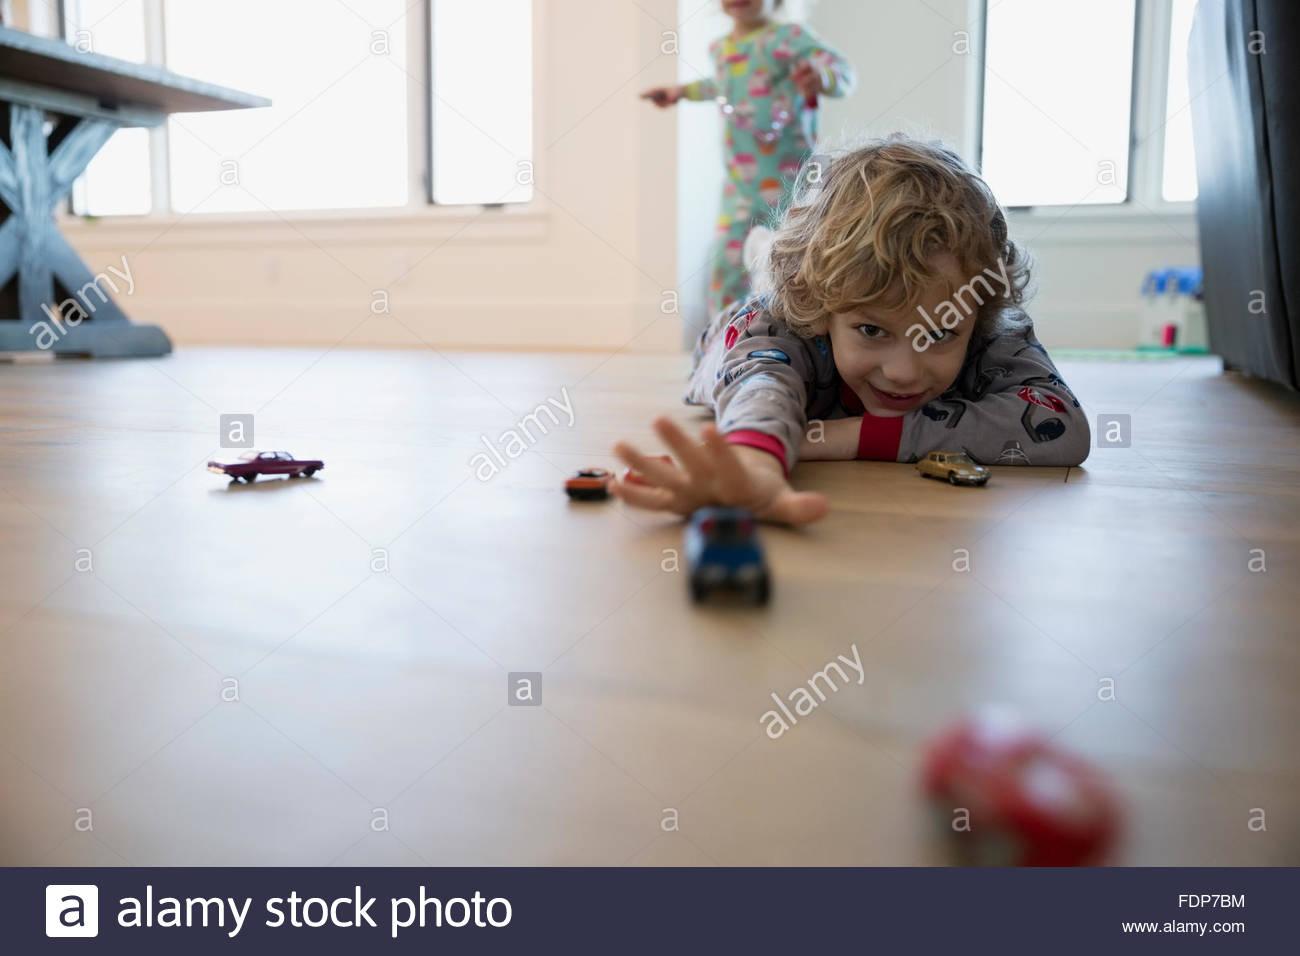 Ragazzo giocando con automobili giocattolo sul pavimento Immagini Stock